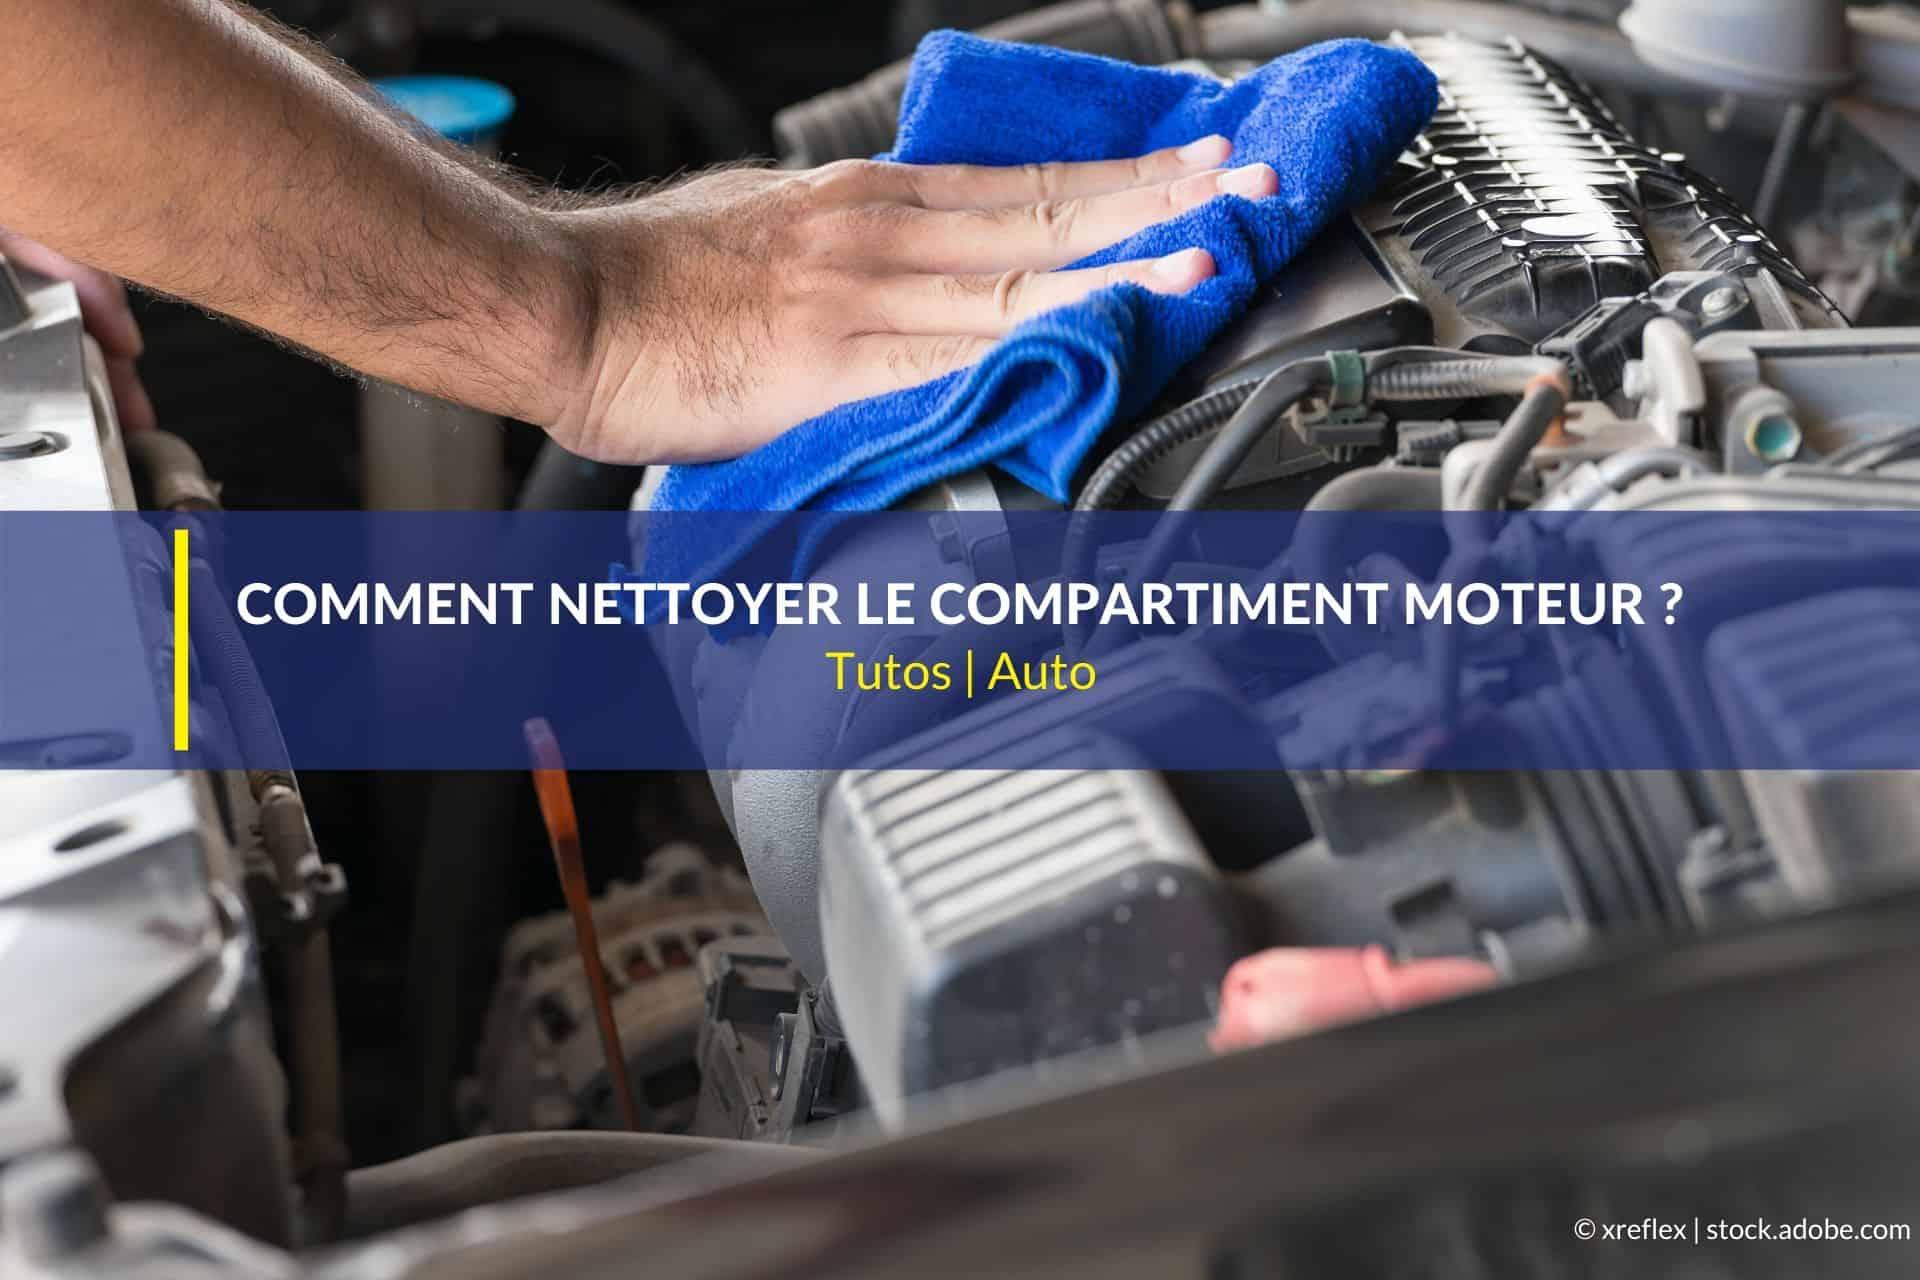 nettoyer compartiment moteur voiture